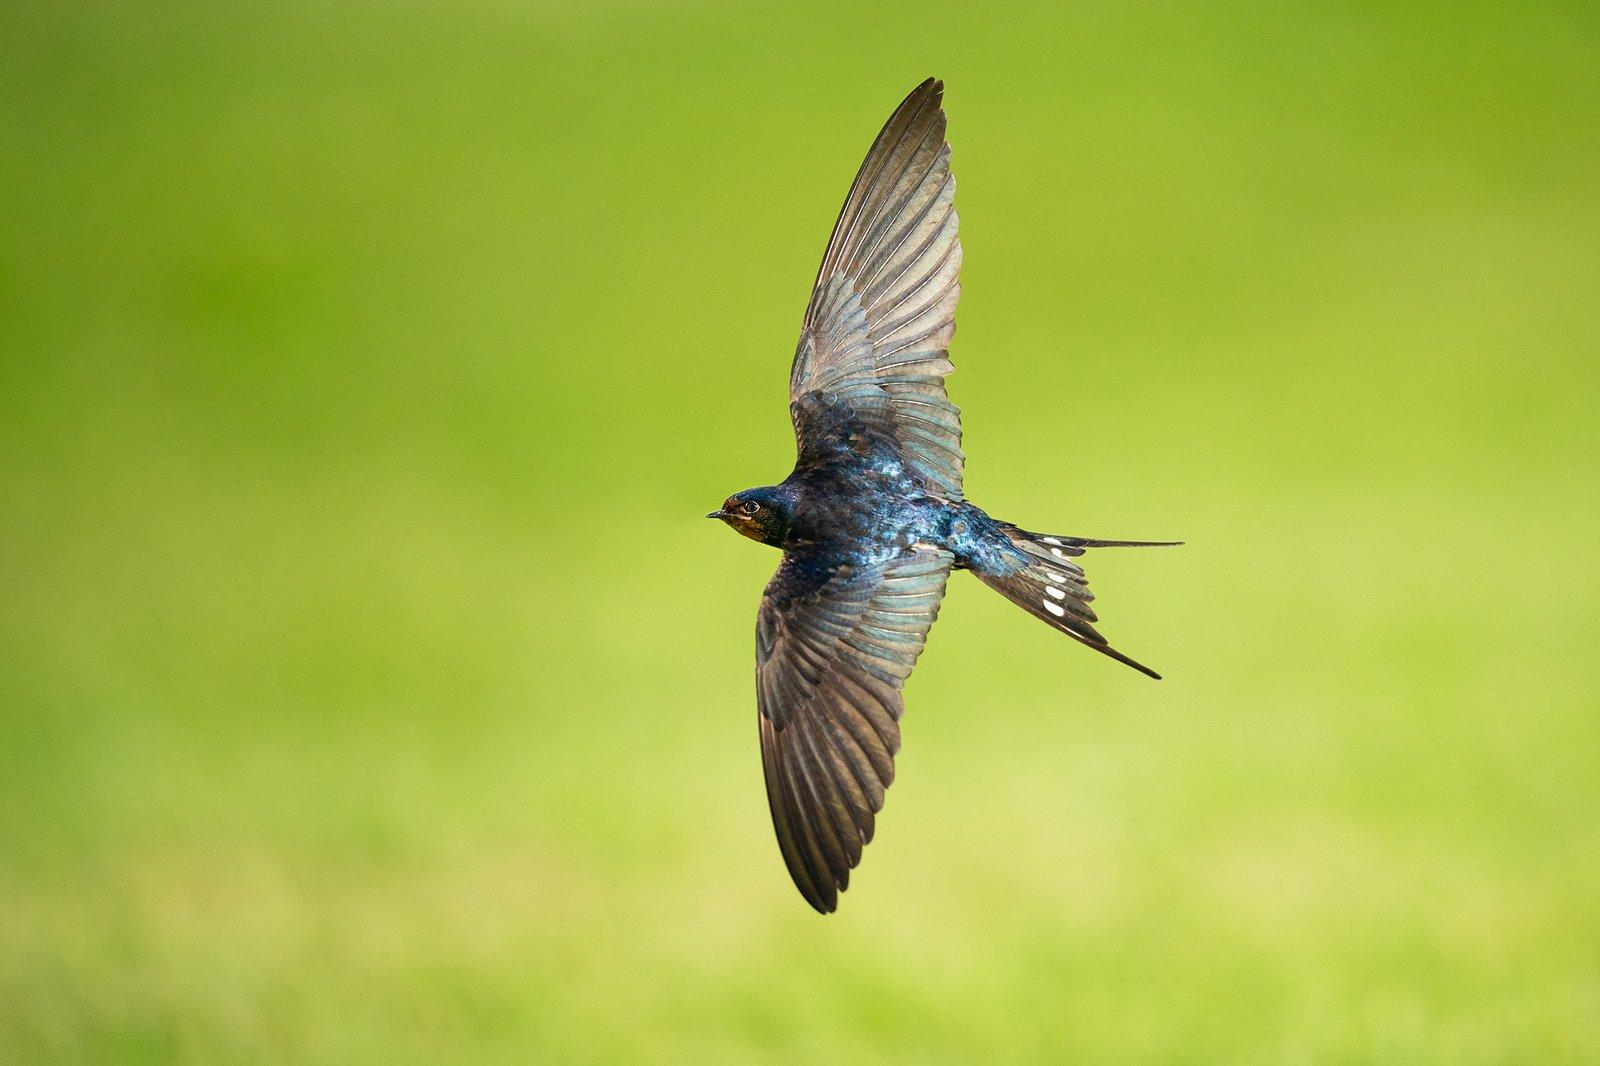 Pták v letu